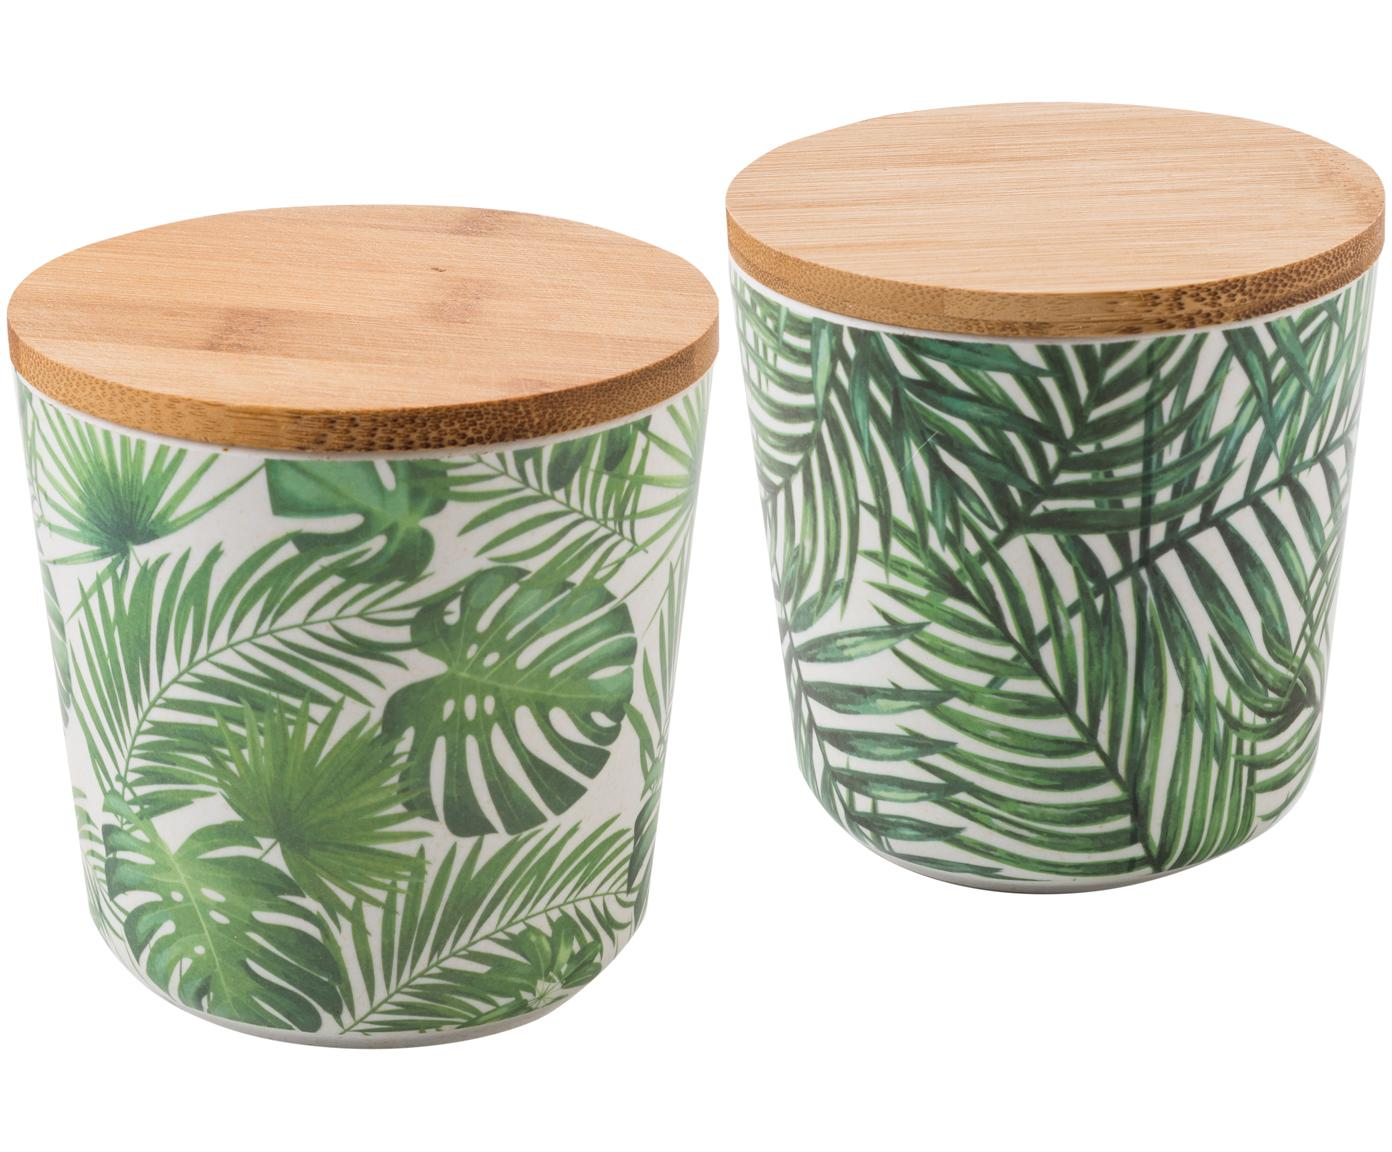 Komplet pojemników do przechowywania Tropical, 2 elem., Odcienie zielonego, biały, Ø 11 x W 11 cm